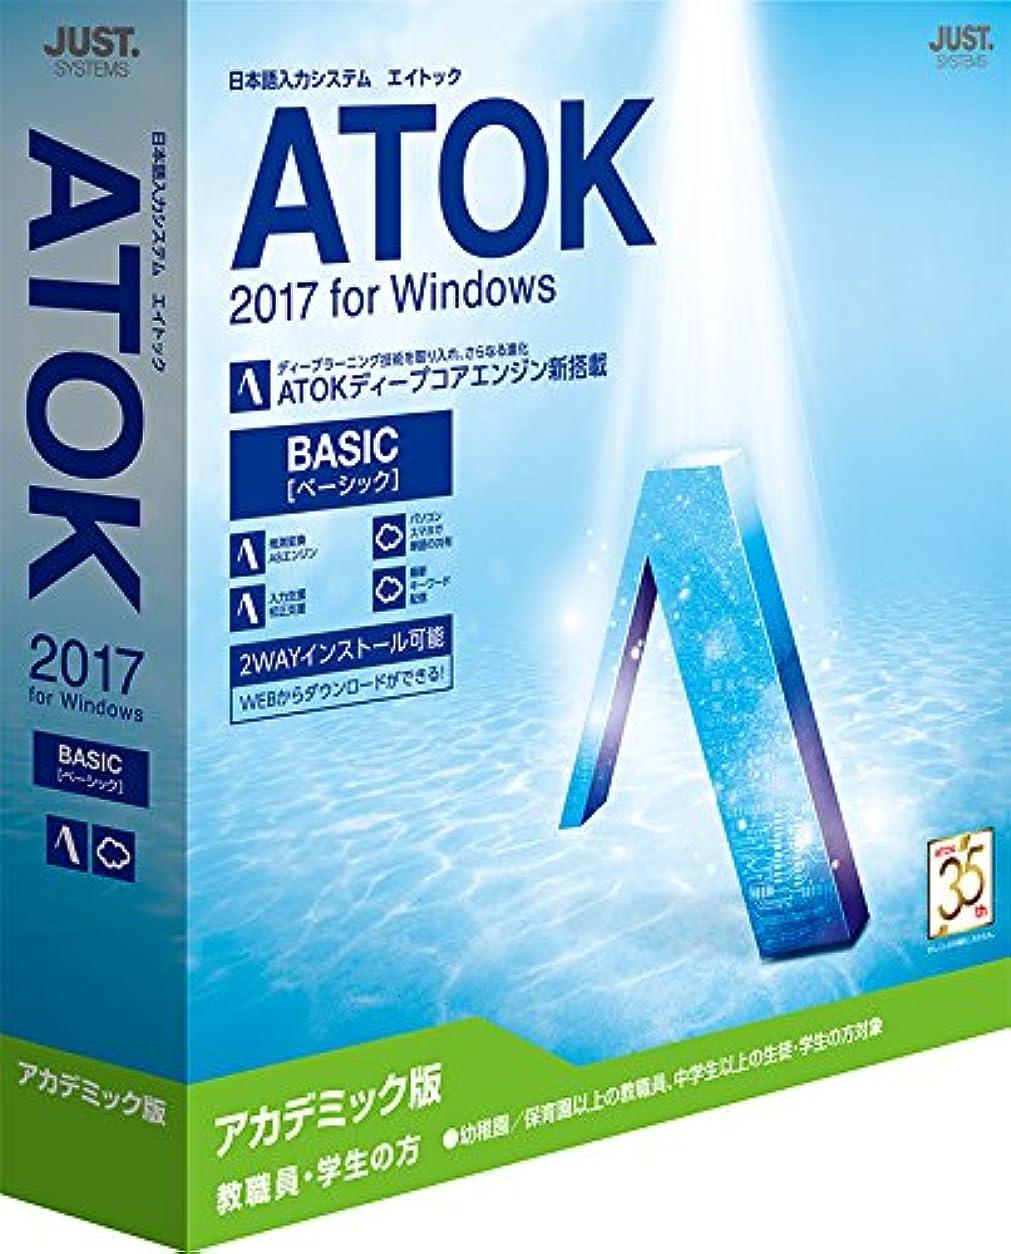 トチの実の木リンク薬理学ATOK 2017 for Windows [ベーシック] アカデミック版